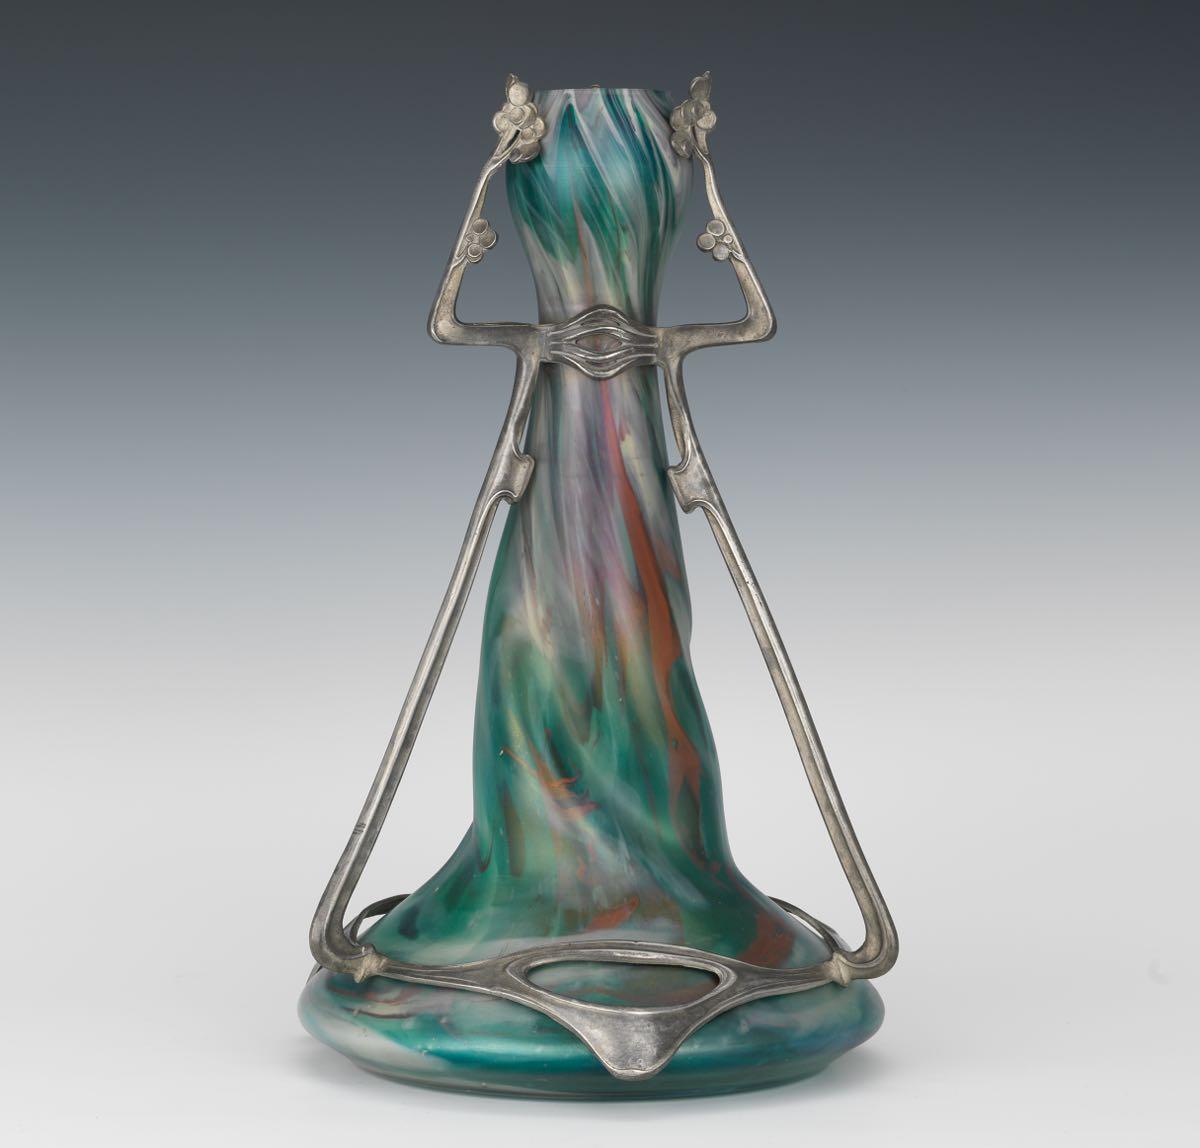 Rindskopf art nouveau vase with pewter mount 041815 sold 299 rindskopf art nouveau vase with pewter mount reviewsmspy